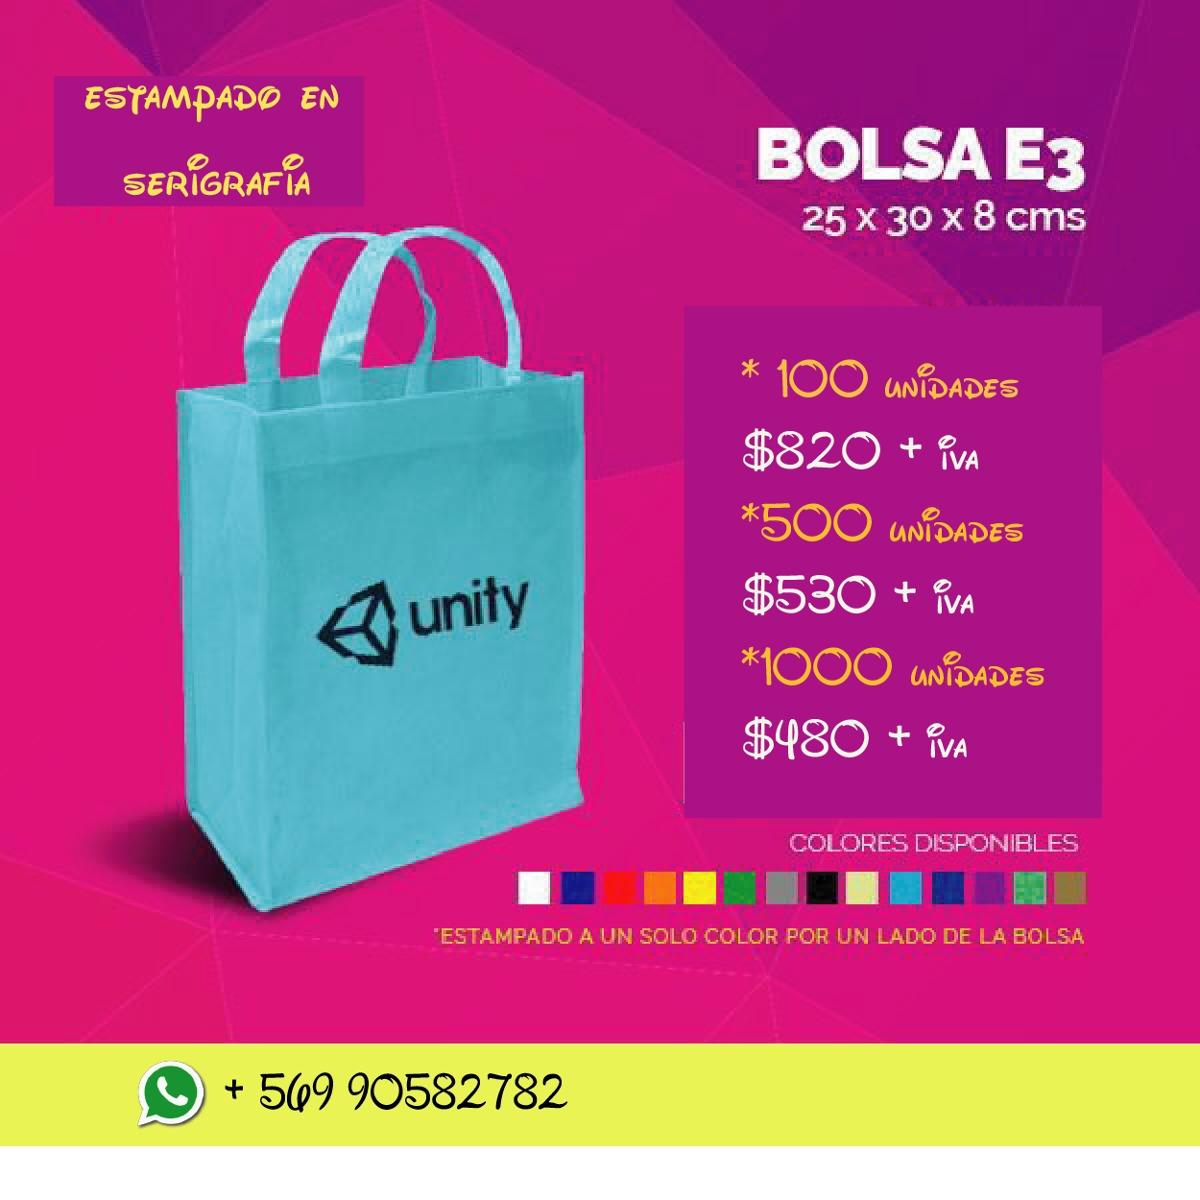 7e760c9d7 Bolsas Ecologicas Personalizadas - $ 820 en Mercado Libre